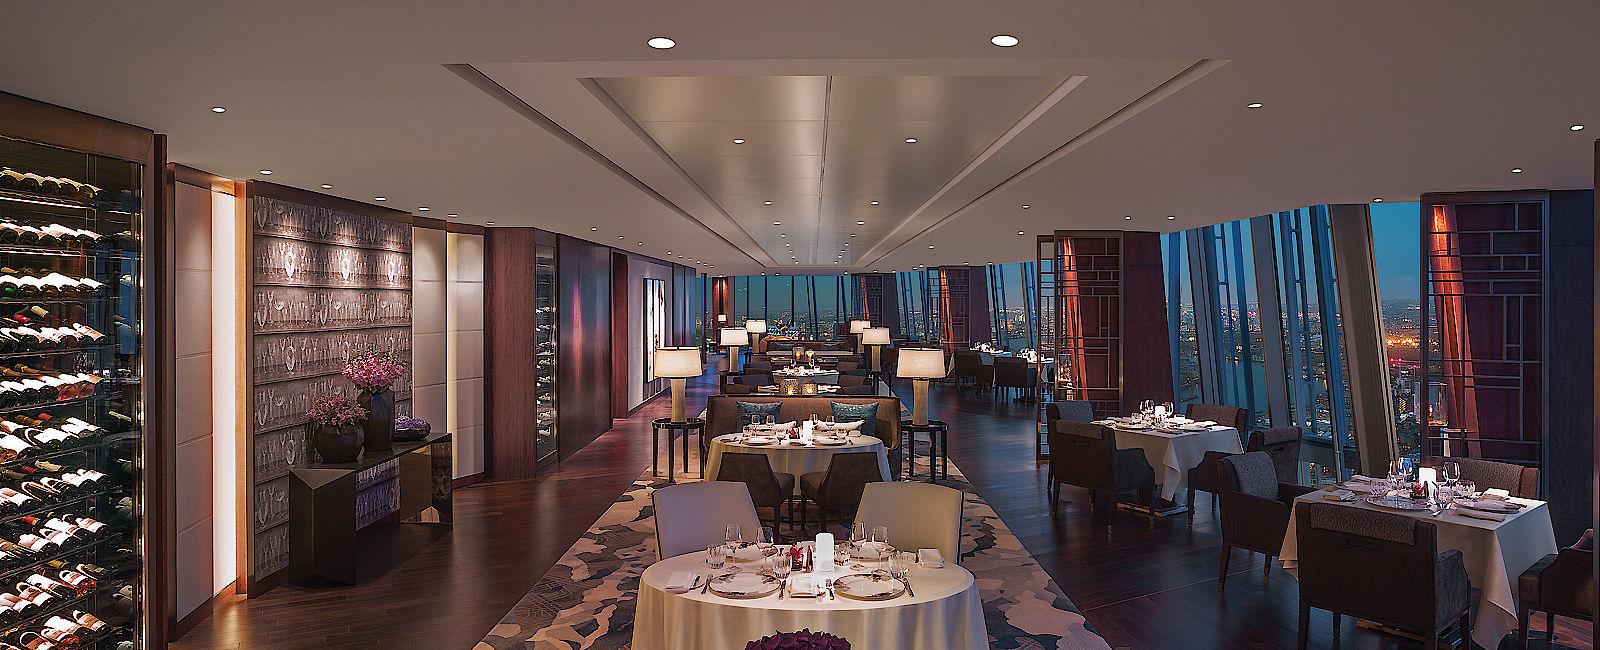 shangri la hotel at the shard connoisseur circle hoteltest. Black Bedroom Furniture Sets. Home Design Ideas